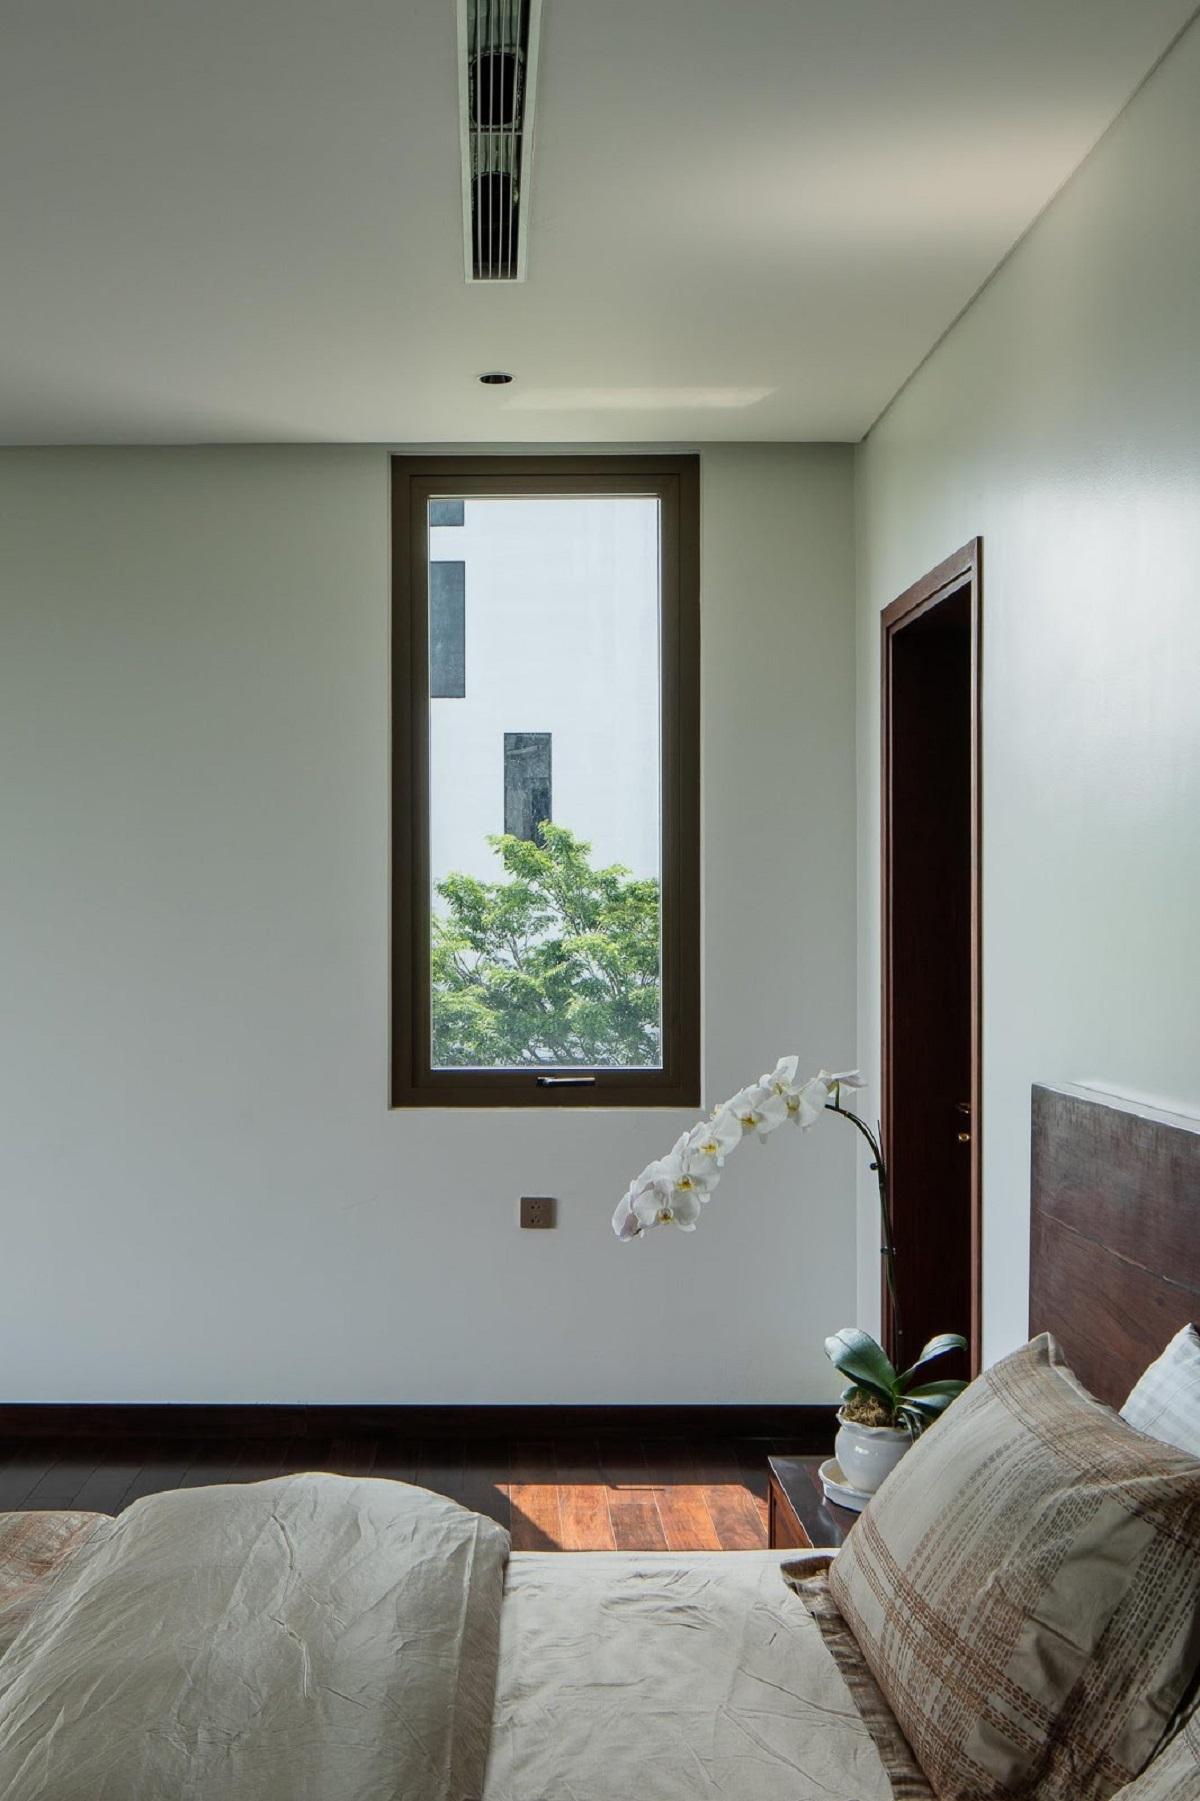 kienviet yu house khi ngoi nha thuoc ve boi canh vuuv architecture and interior design 6 - YU House - Khi ngôi nhà thuộc về bối cảnh